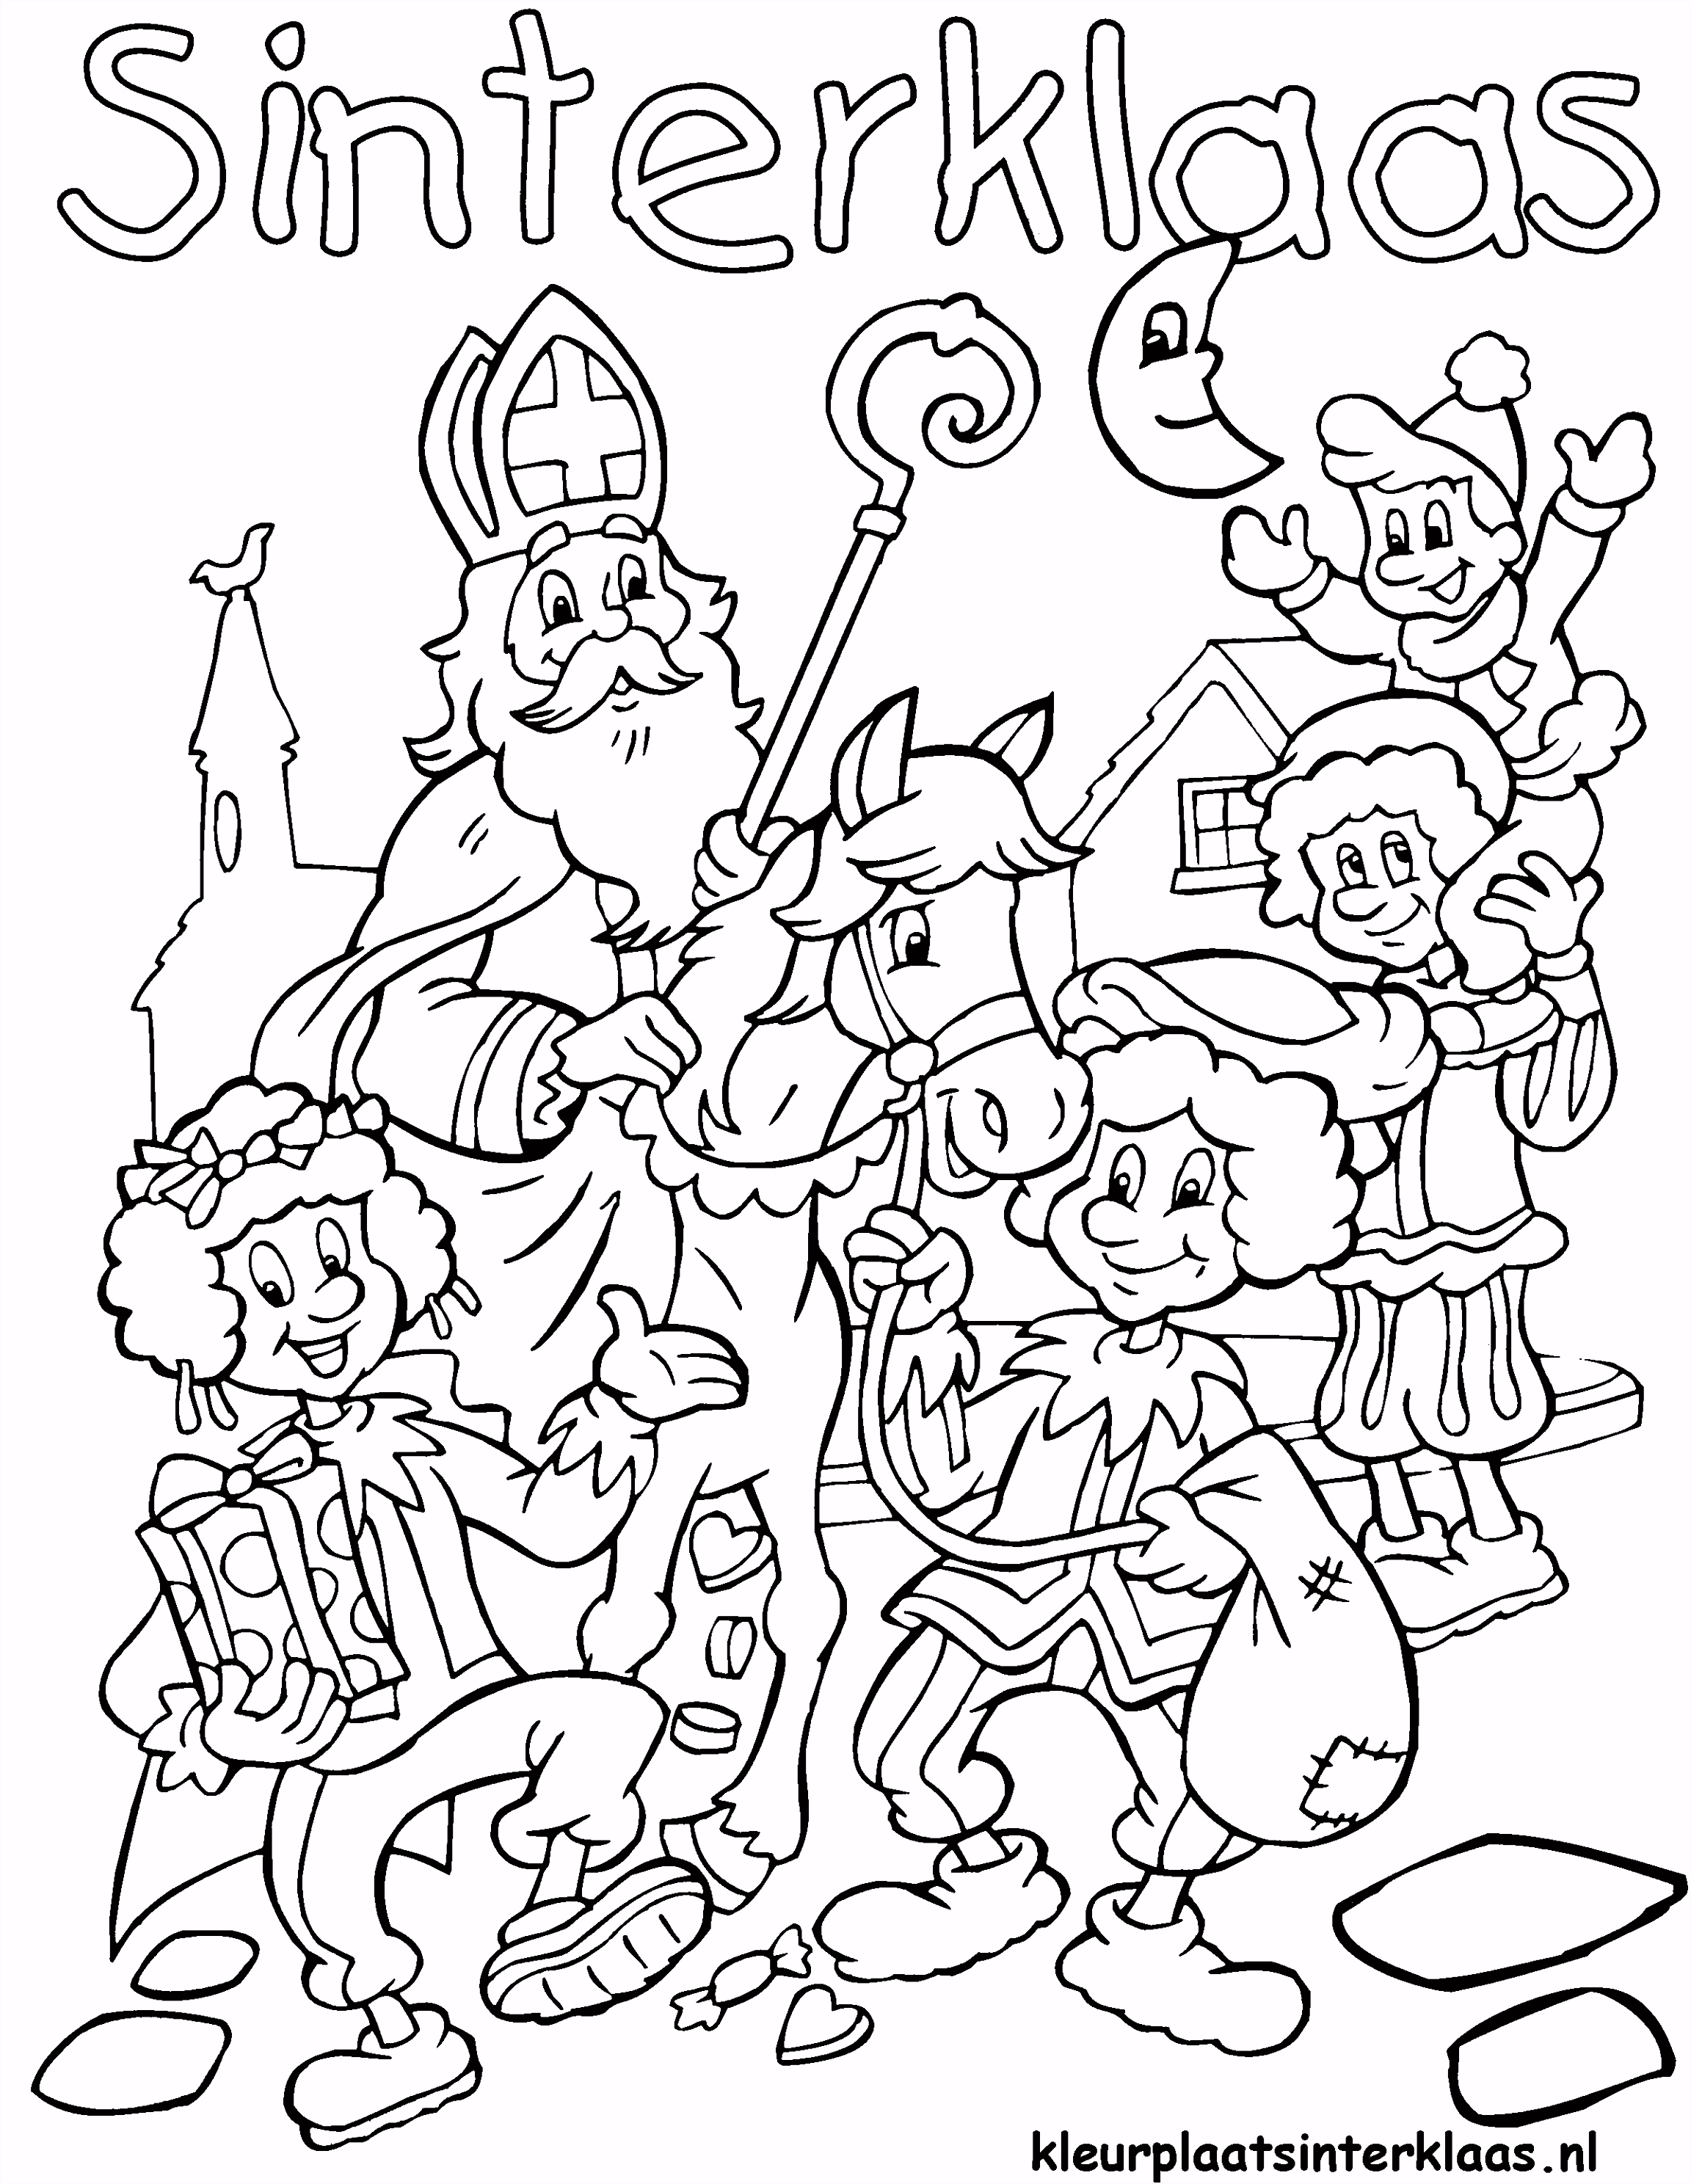 Sinterklaas Kleurplaat Verlanglijstje Ben Je Al Helemaal Klaar Voor De Intocht Van Sinterklaas Kleur Snel I6ie99itf4 Xhaa6skkfh